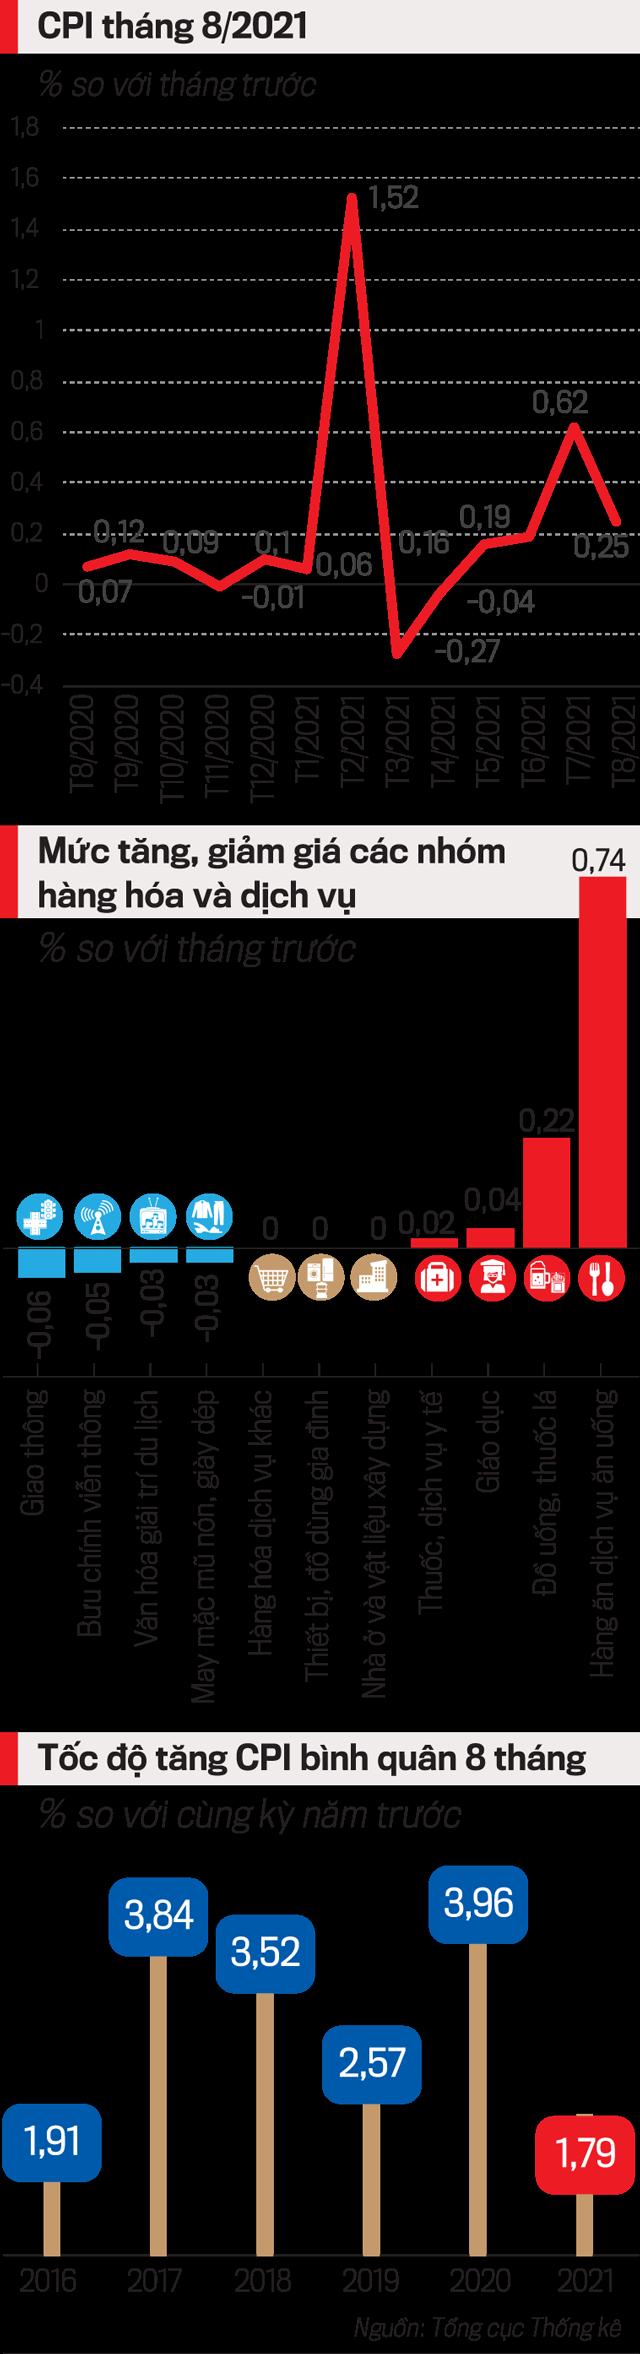 CPI tăng thấp nhất trong 6 năm qua - Ảnh 1